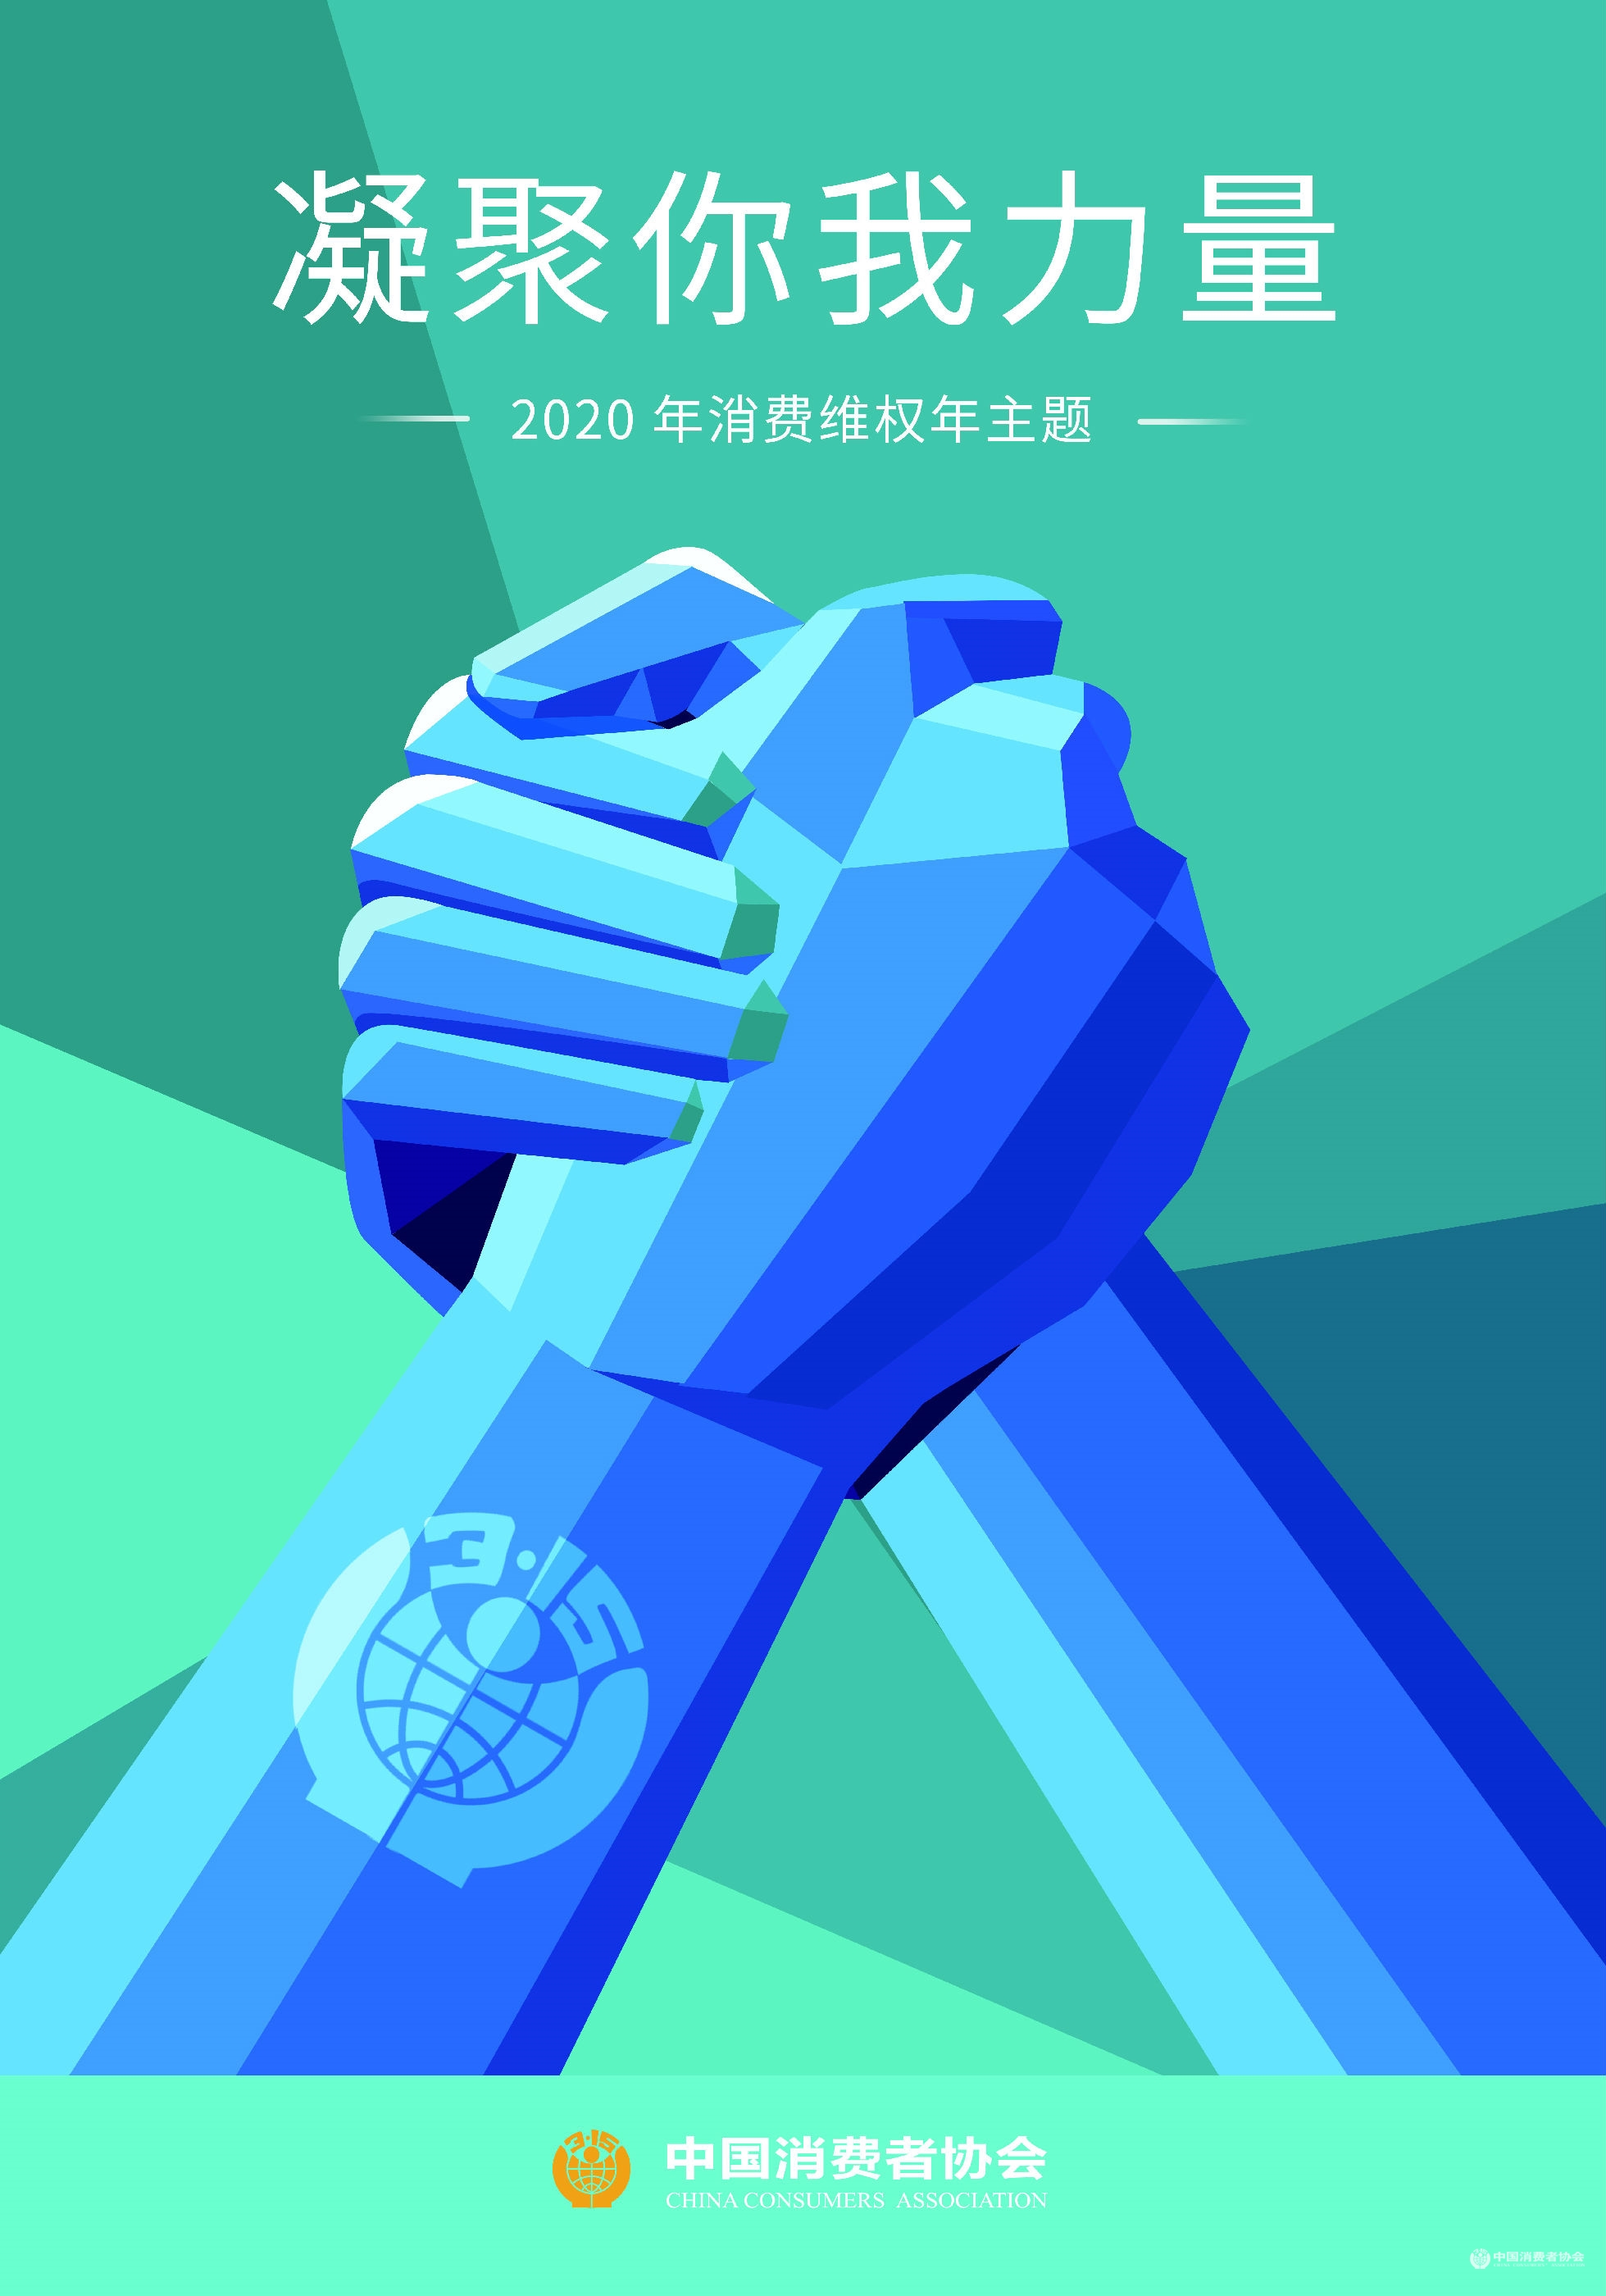 中消协确定2020年消费维权年主题:凝聚你我力量